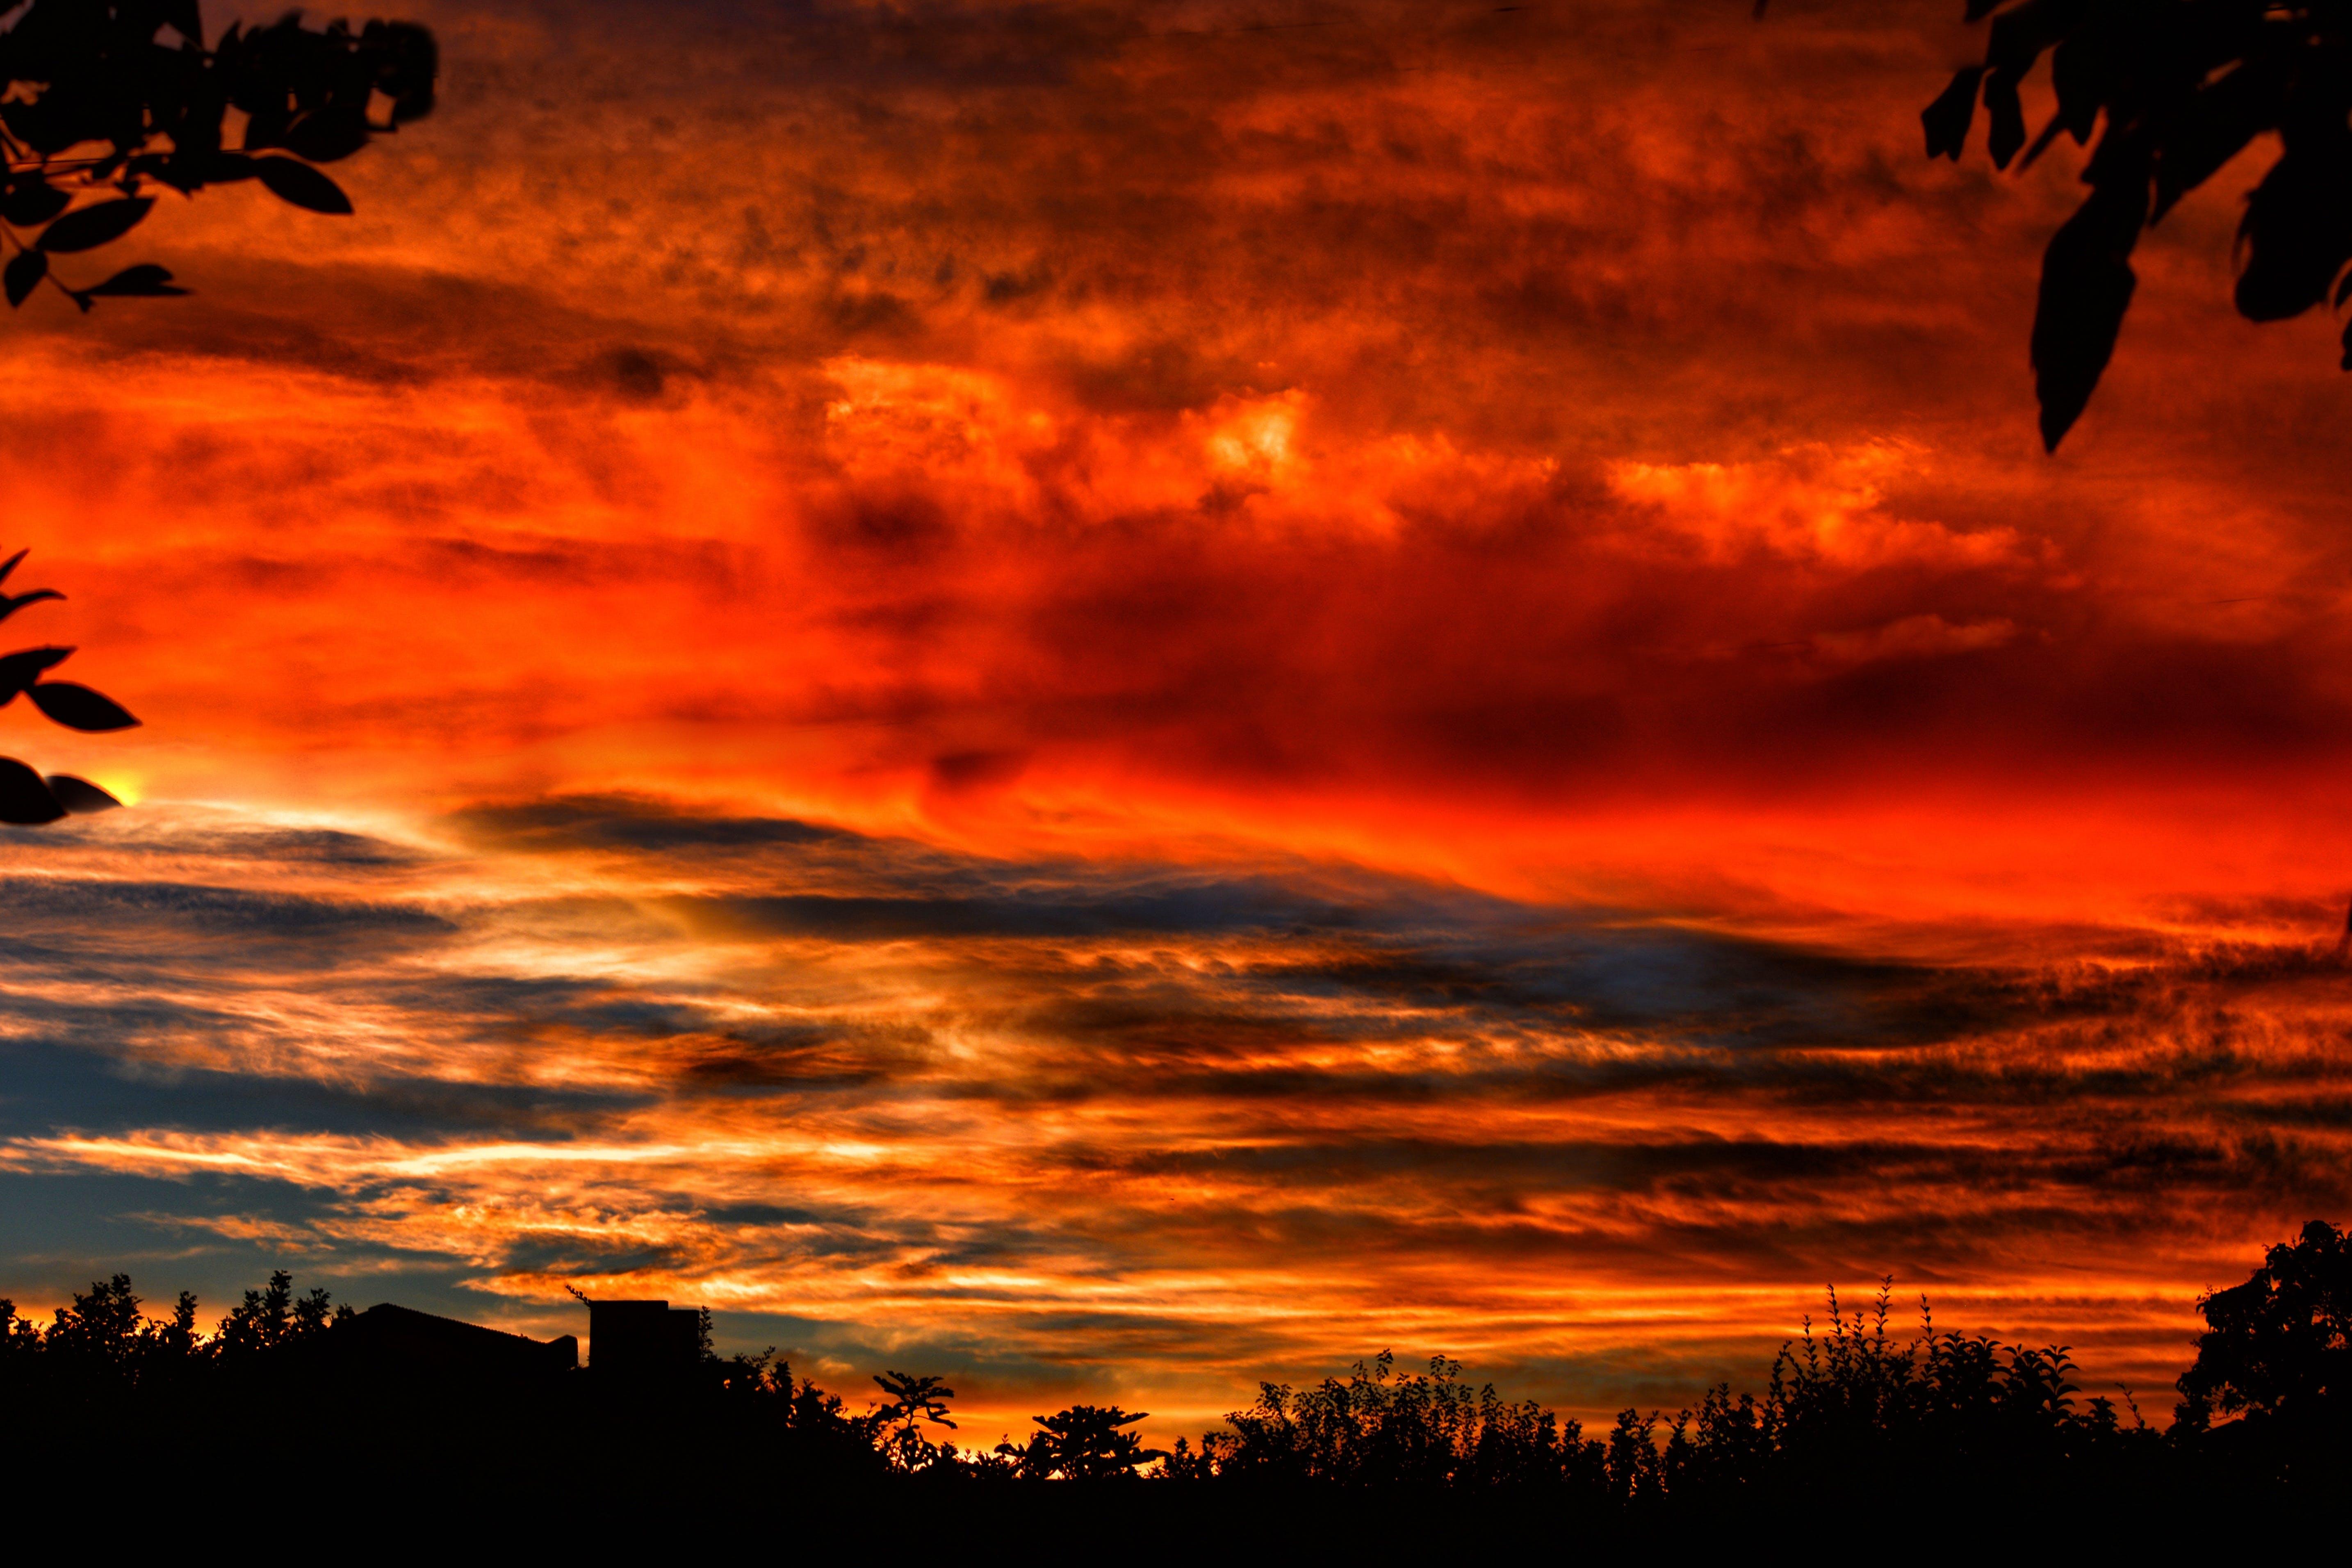 คลังภาพถ่ายฟรี ของ ดราม่า, ตะวันลับฟ้า, ต้นไม้, ทิวทัศน์เมฆ